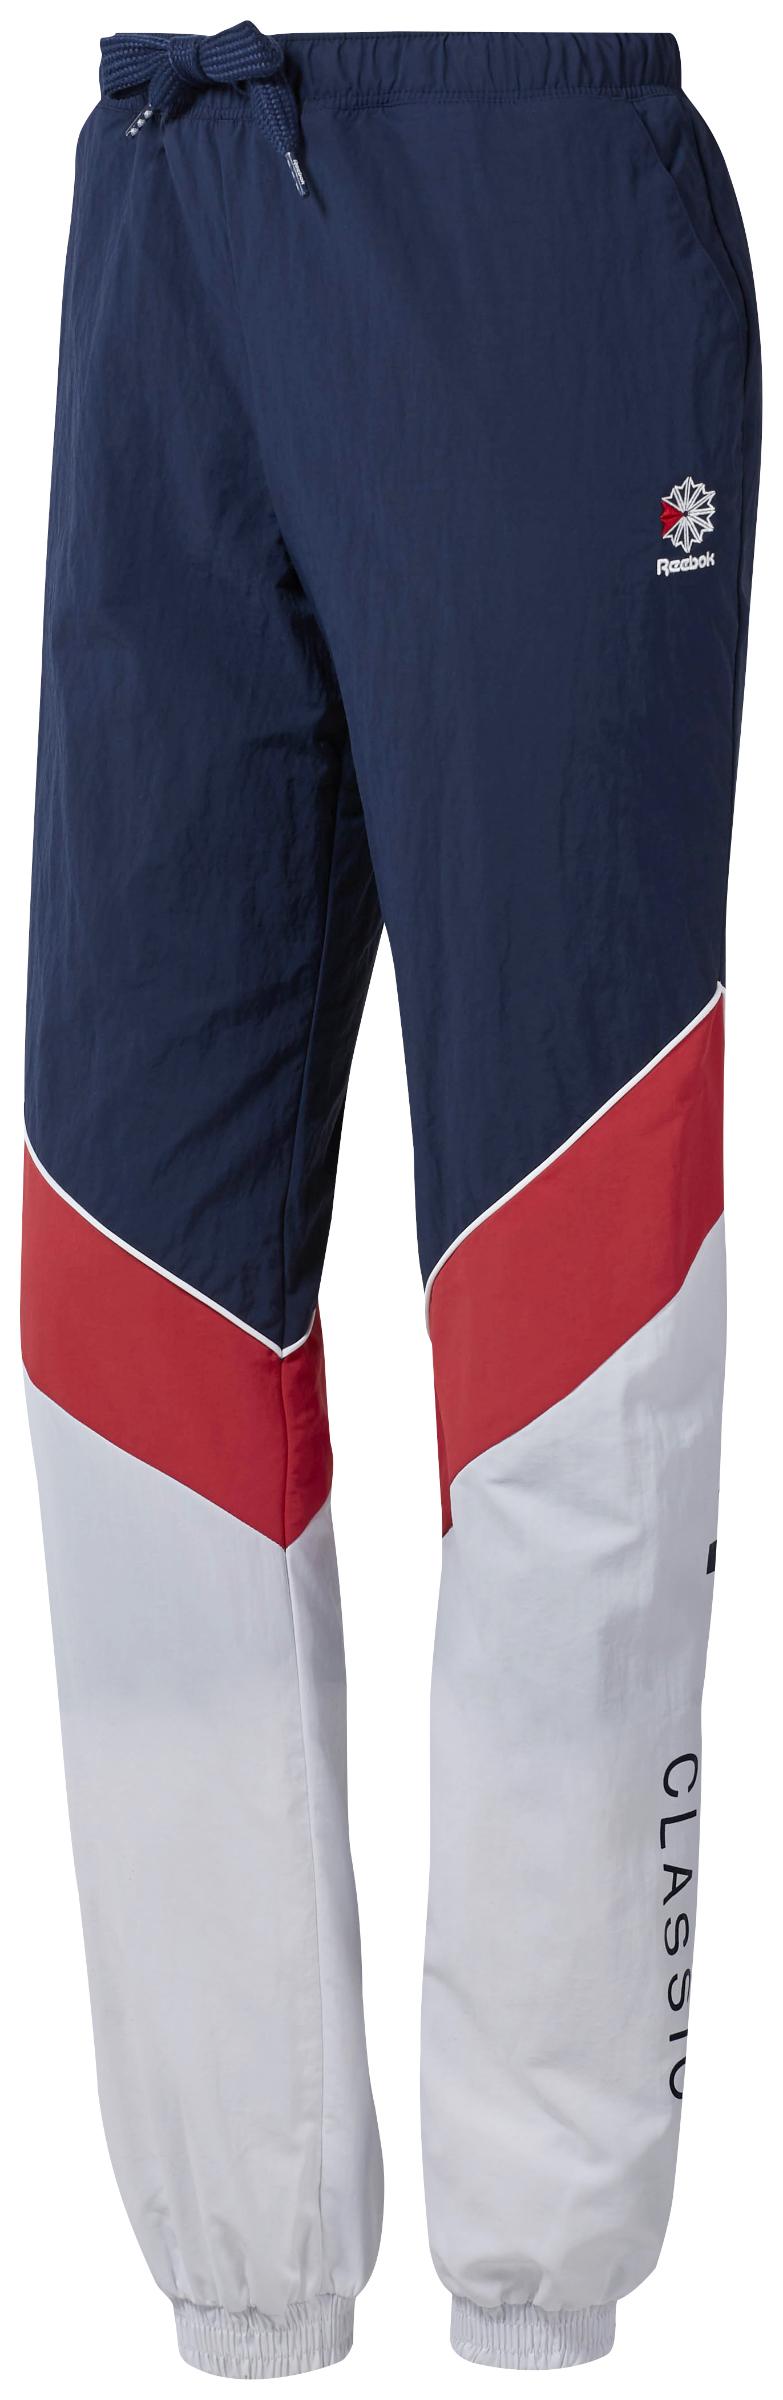 Pantalón mujer Reebok 26.11.20 - 30.11.20